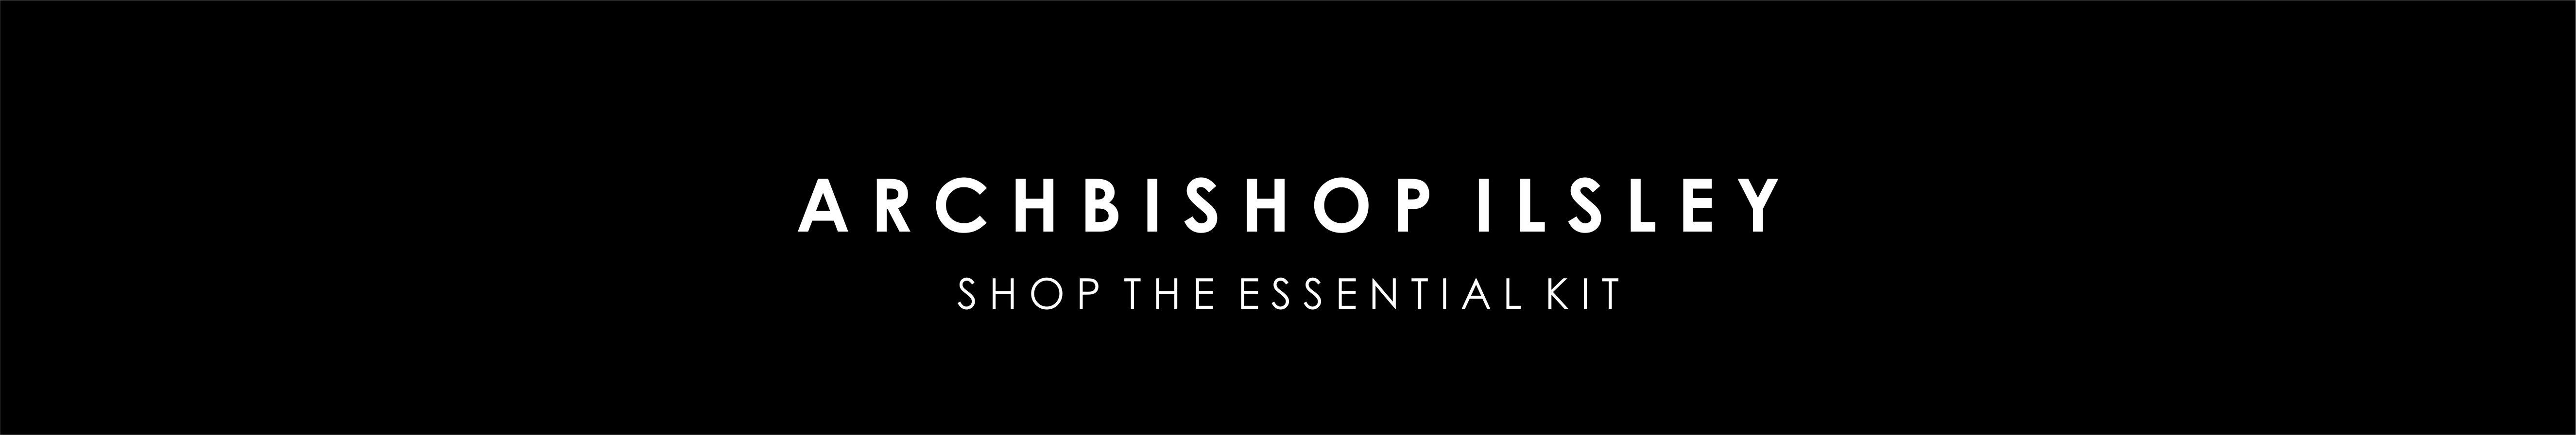 archbishop-ilsley-banner.jpg